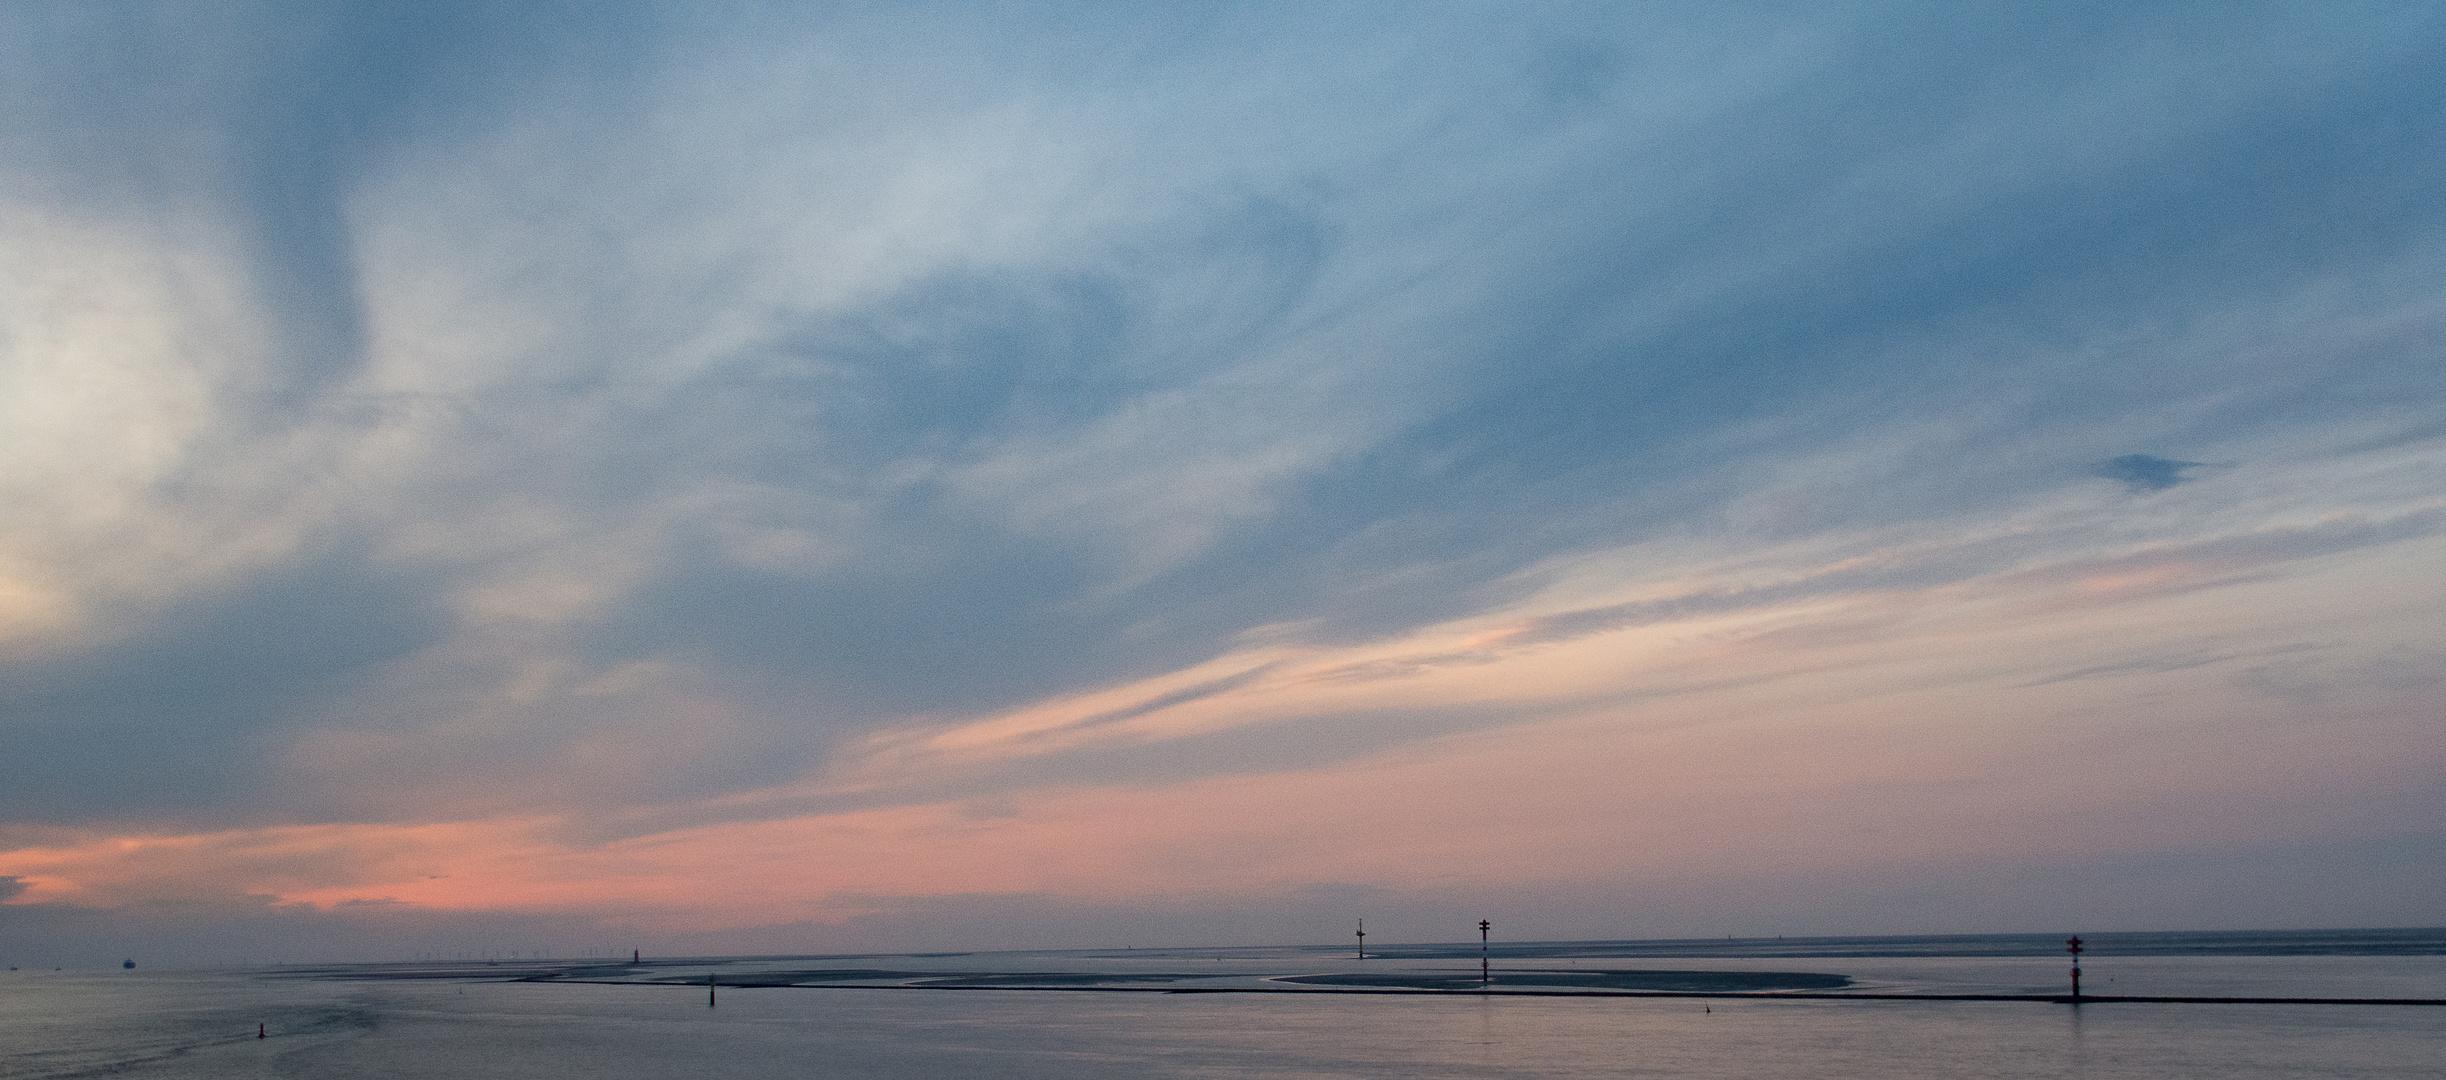 Abenddämmerung in der Wesermündung